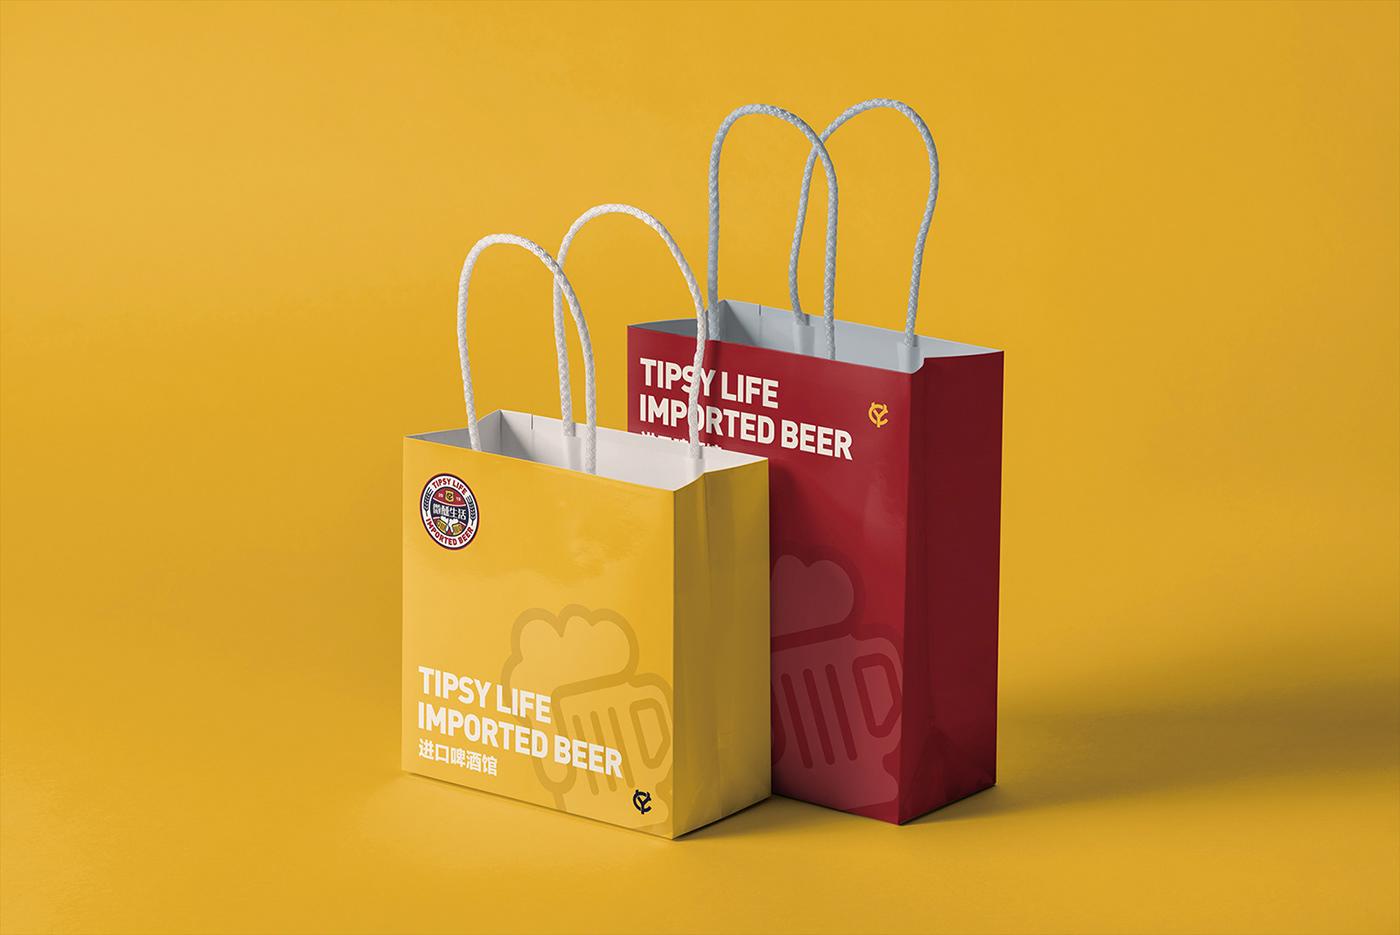 Image may contain: box, handbag and shopping bag